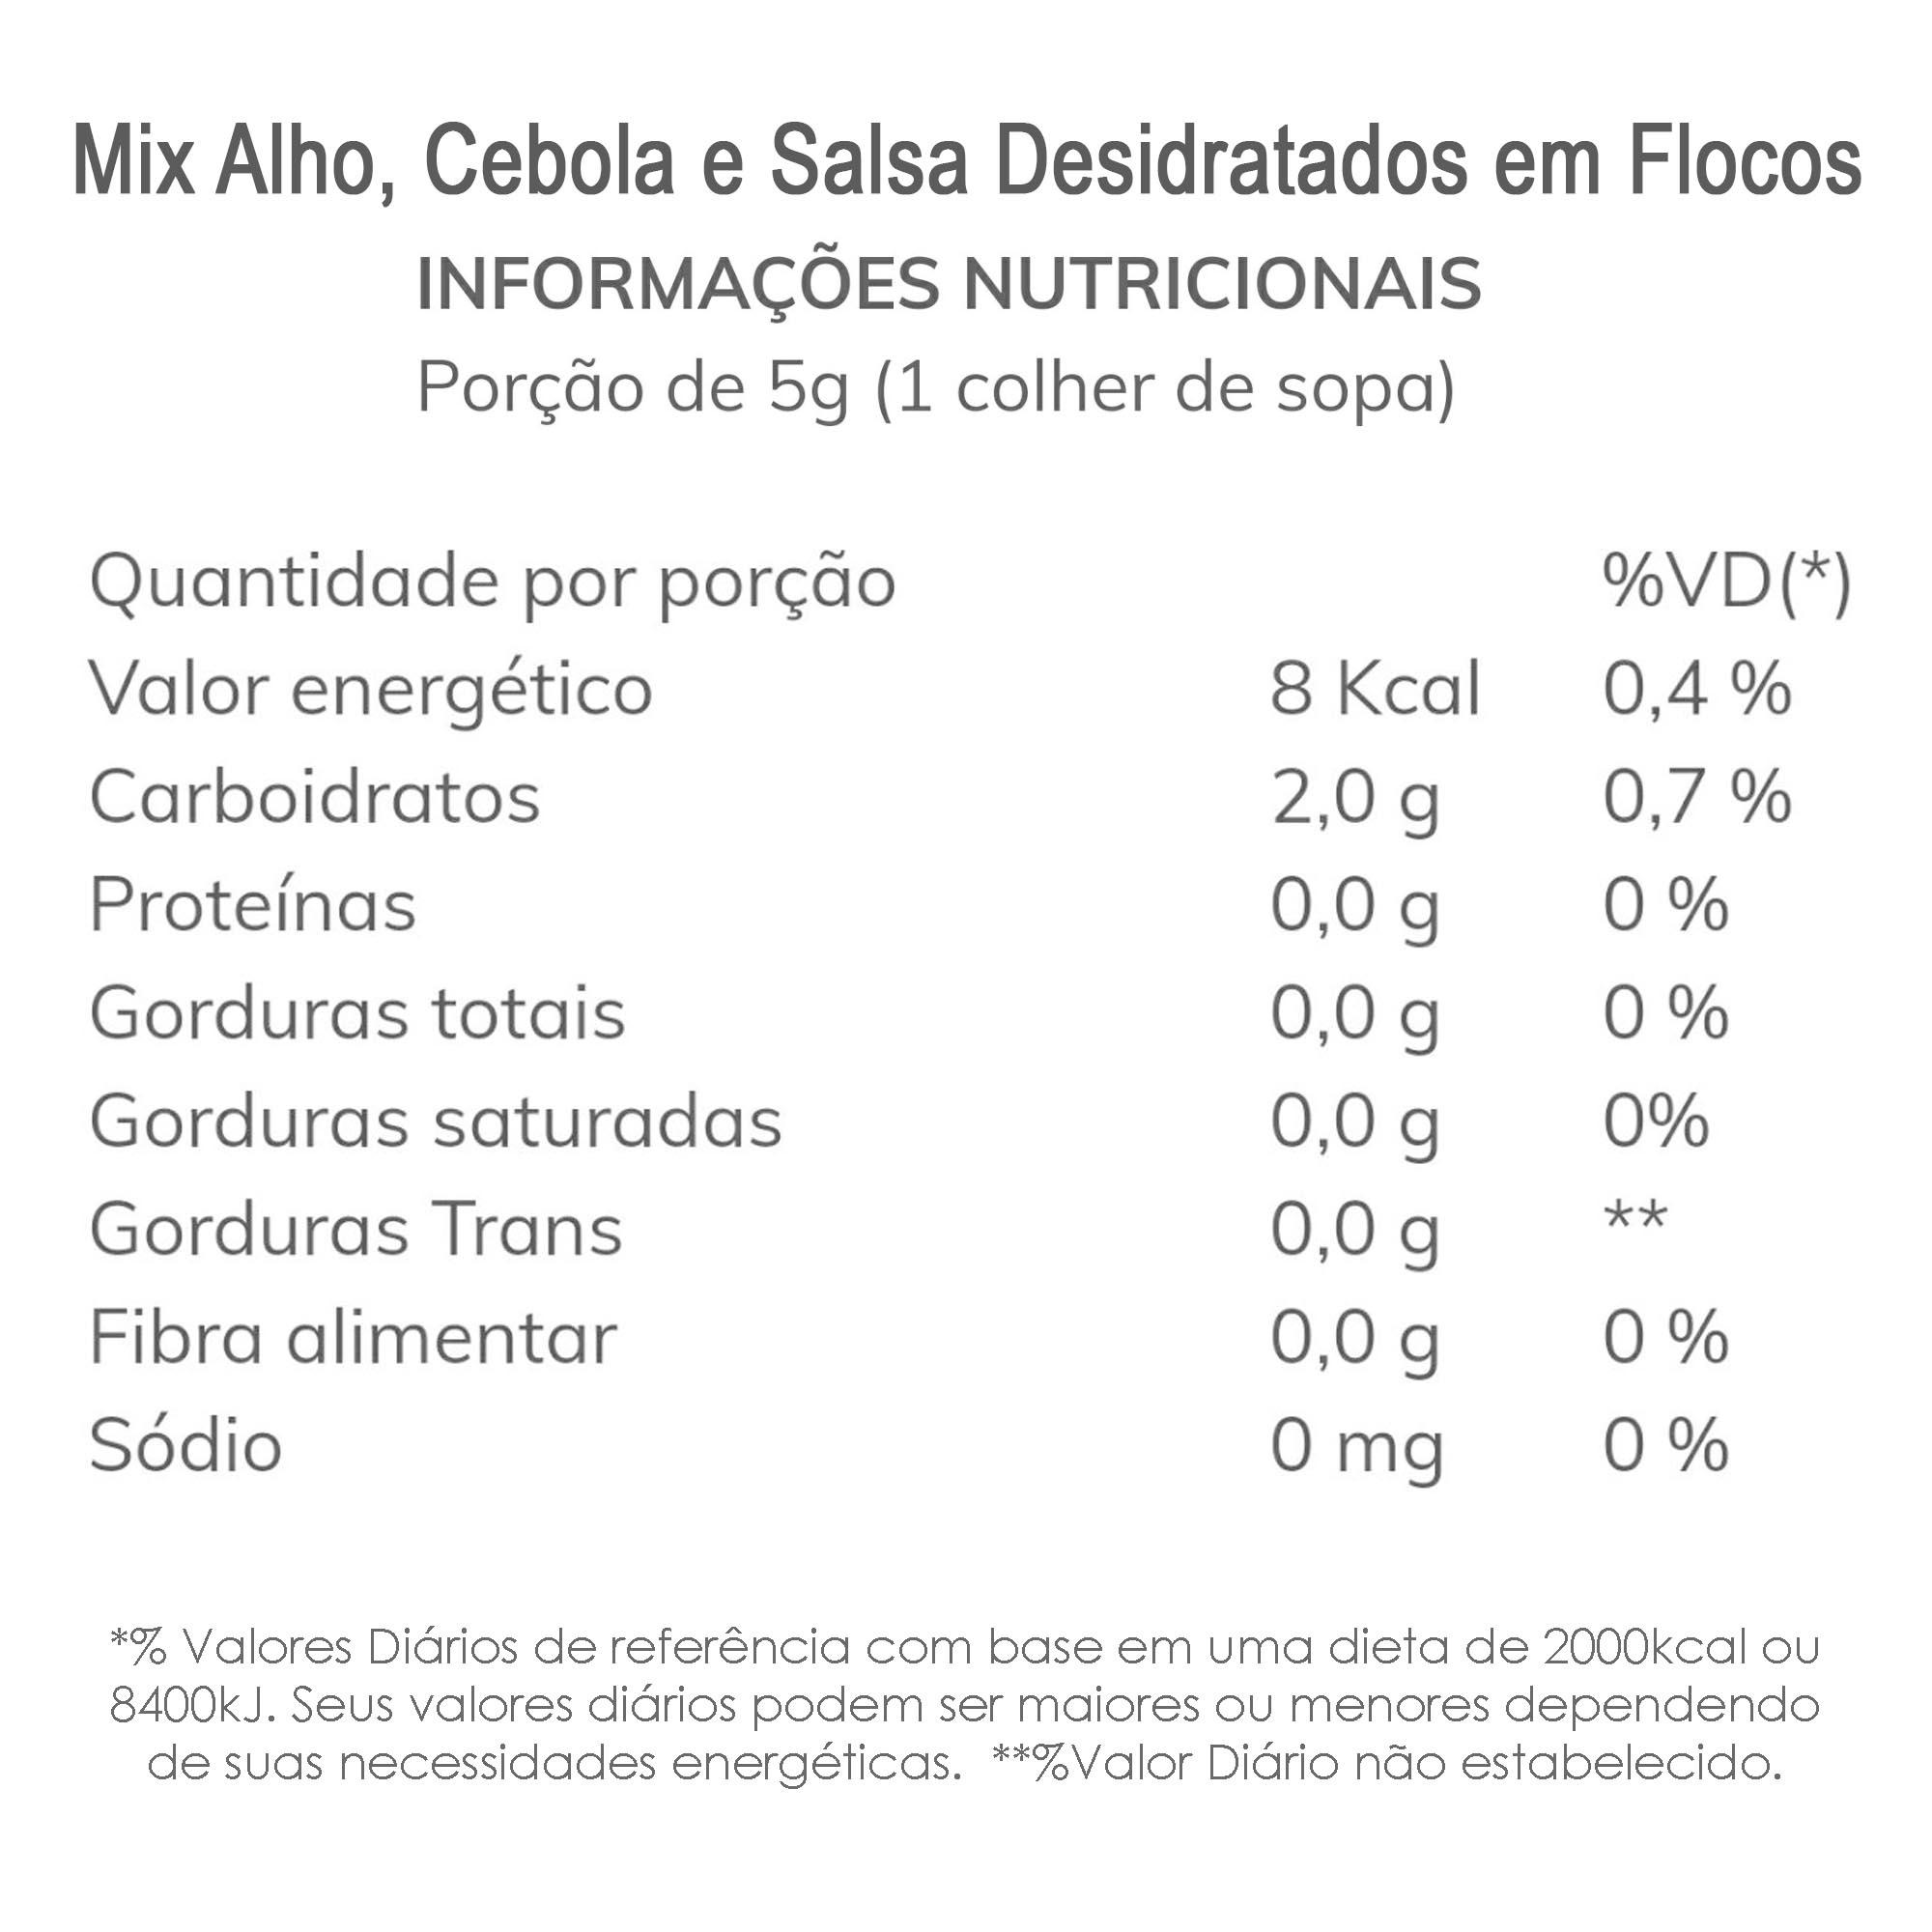 Mix de Alho, Cebola e Salsa Desidratados em Flocos  - TLC Tudo Low Carb